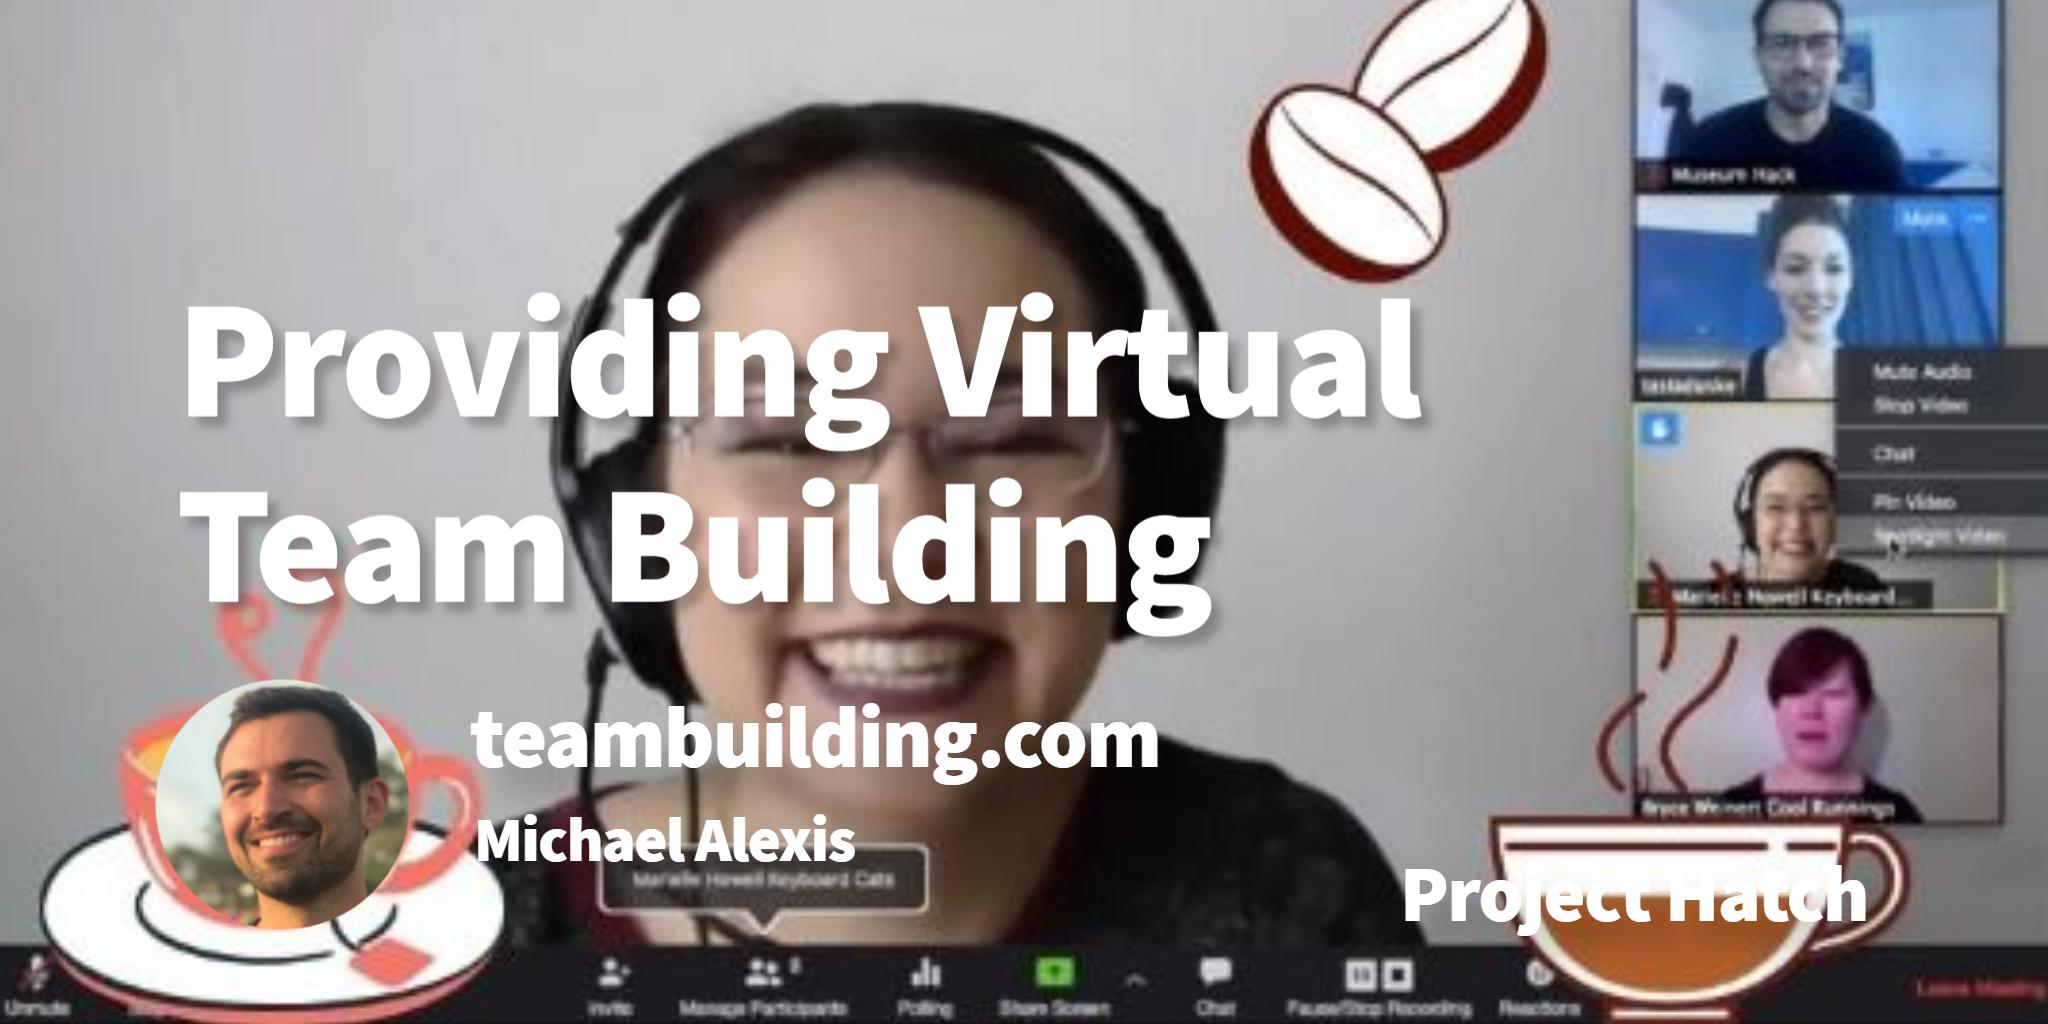 teambuilding.com Michael Alexis